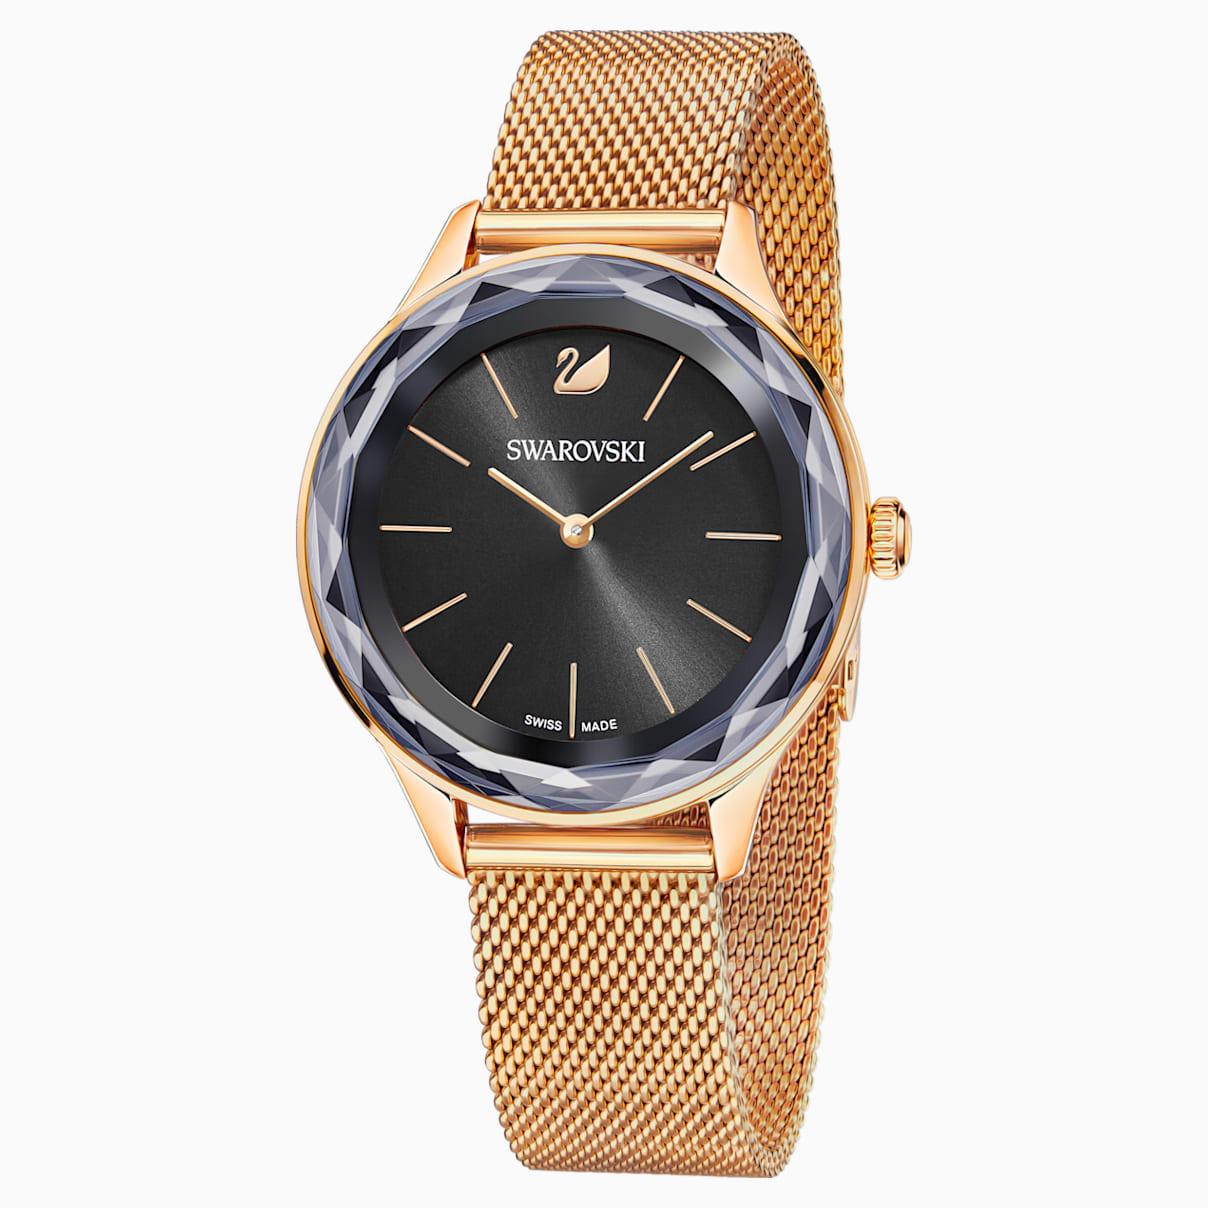 Octea Nova Uhr, Milanaise-Armband, schwarz, Rosé vergoldetes PVD-Finish